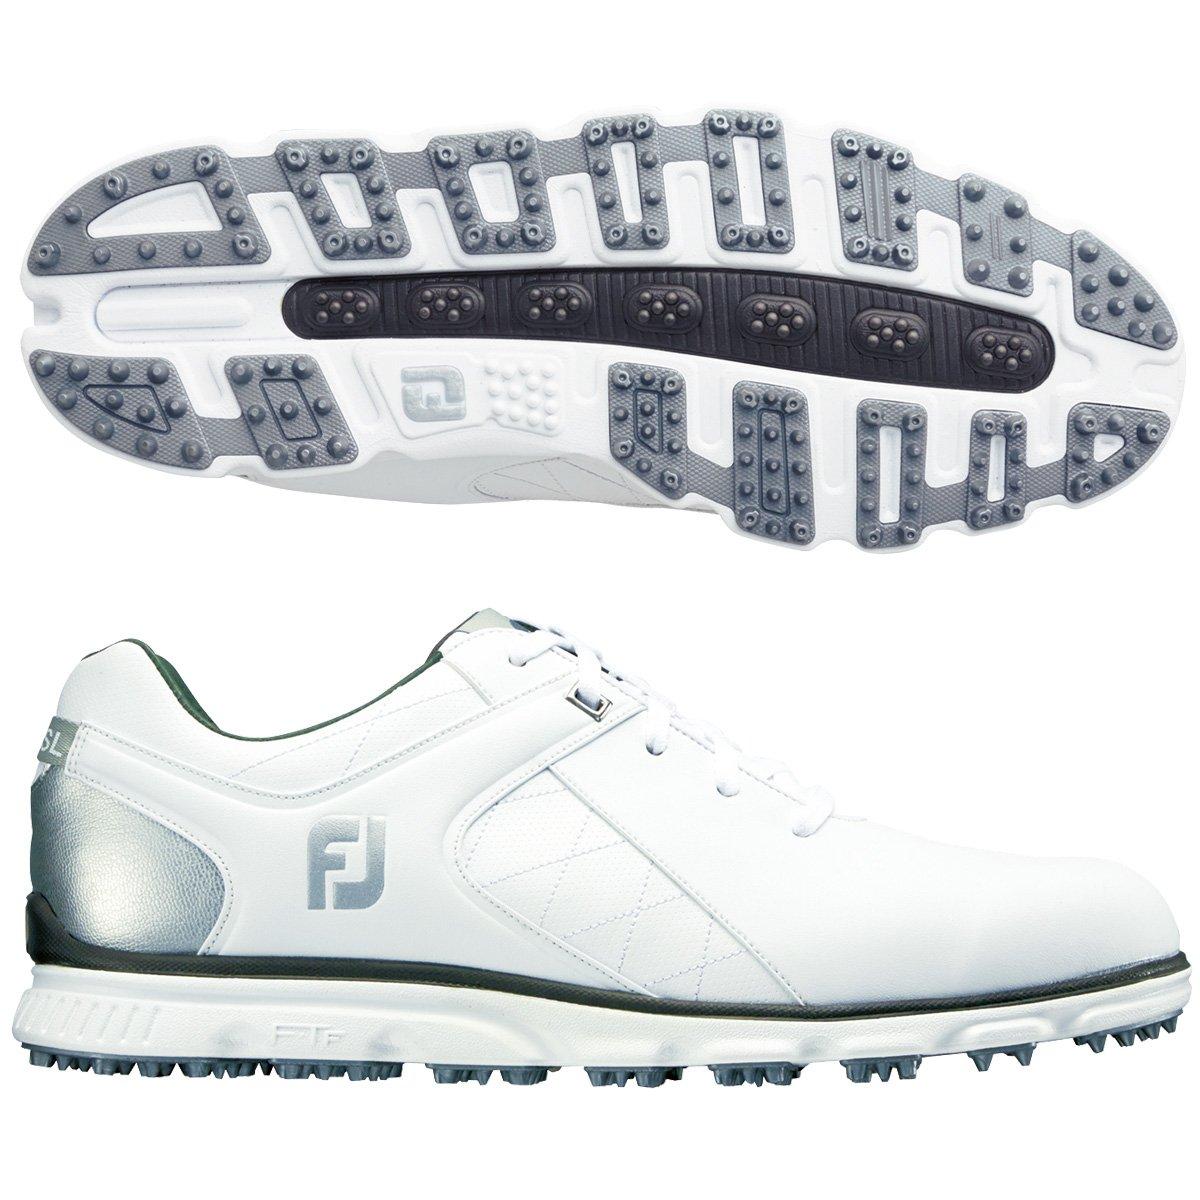 FootJoy Men's Pro/SL Golf Shoes B01JJ62V8O 14 M US|White/Silver